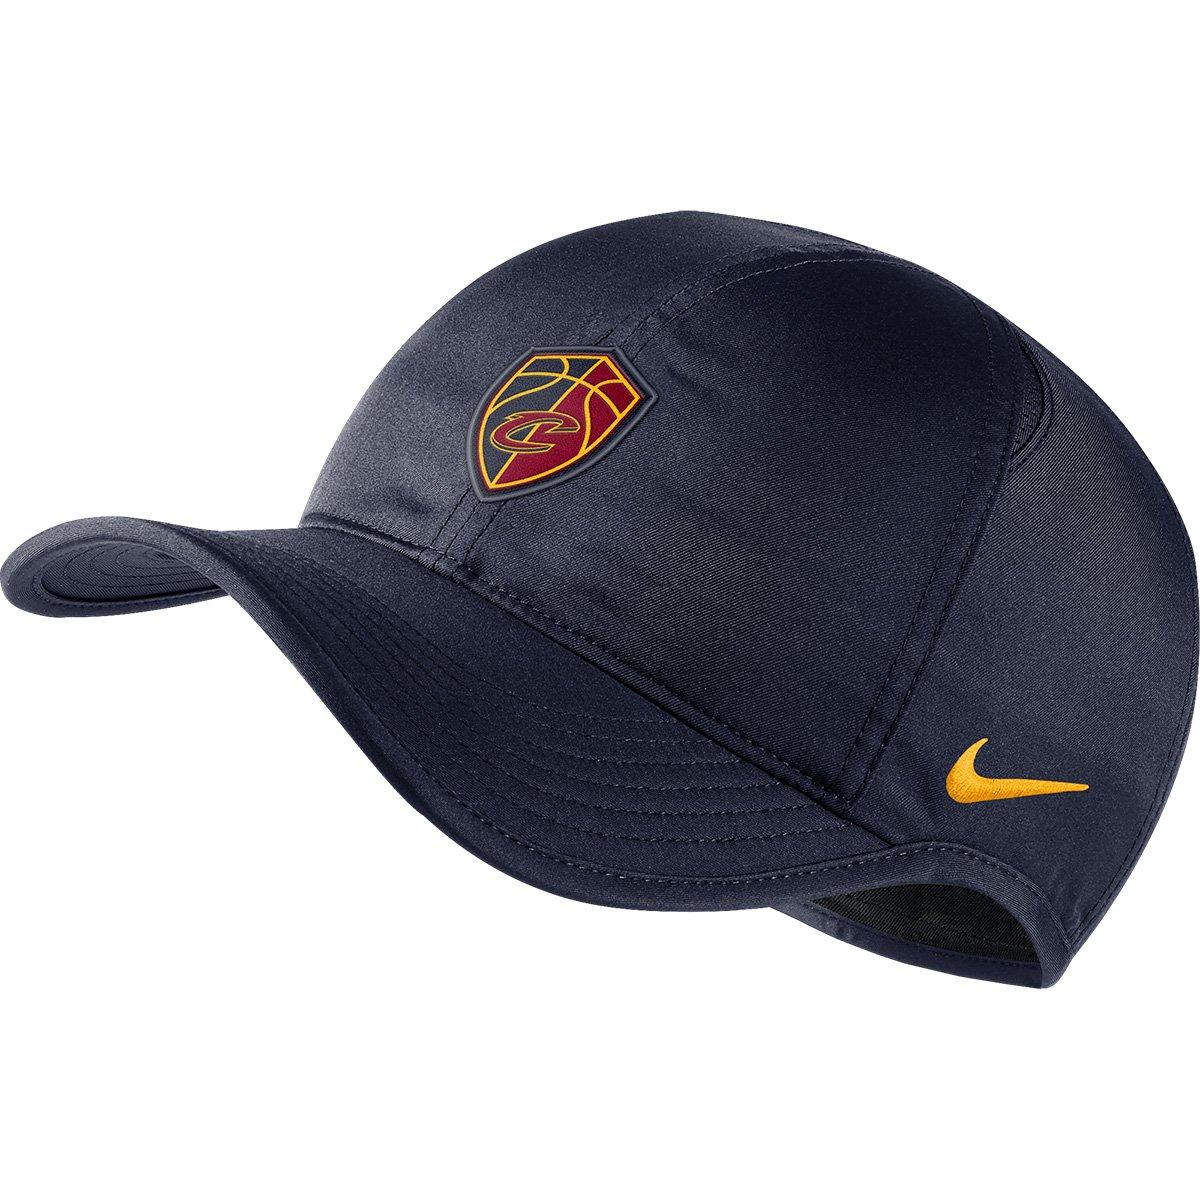 Boné Nike NBA Cleveland Cavaliers Aba Curva Featherlight - Marinho e  Dourado - Compre Agora  01793c37c8e